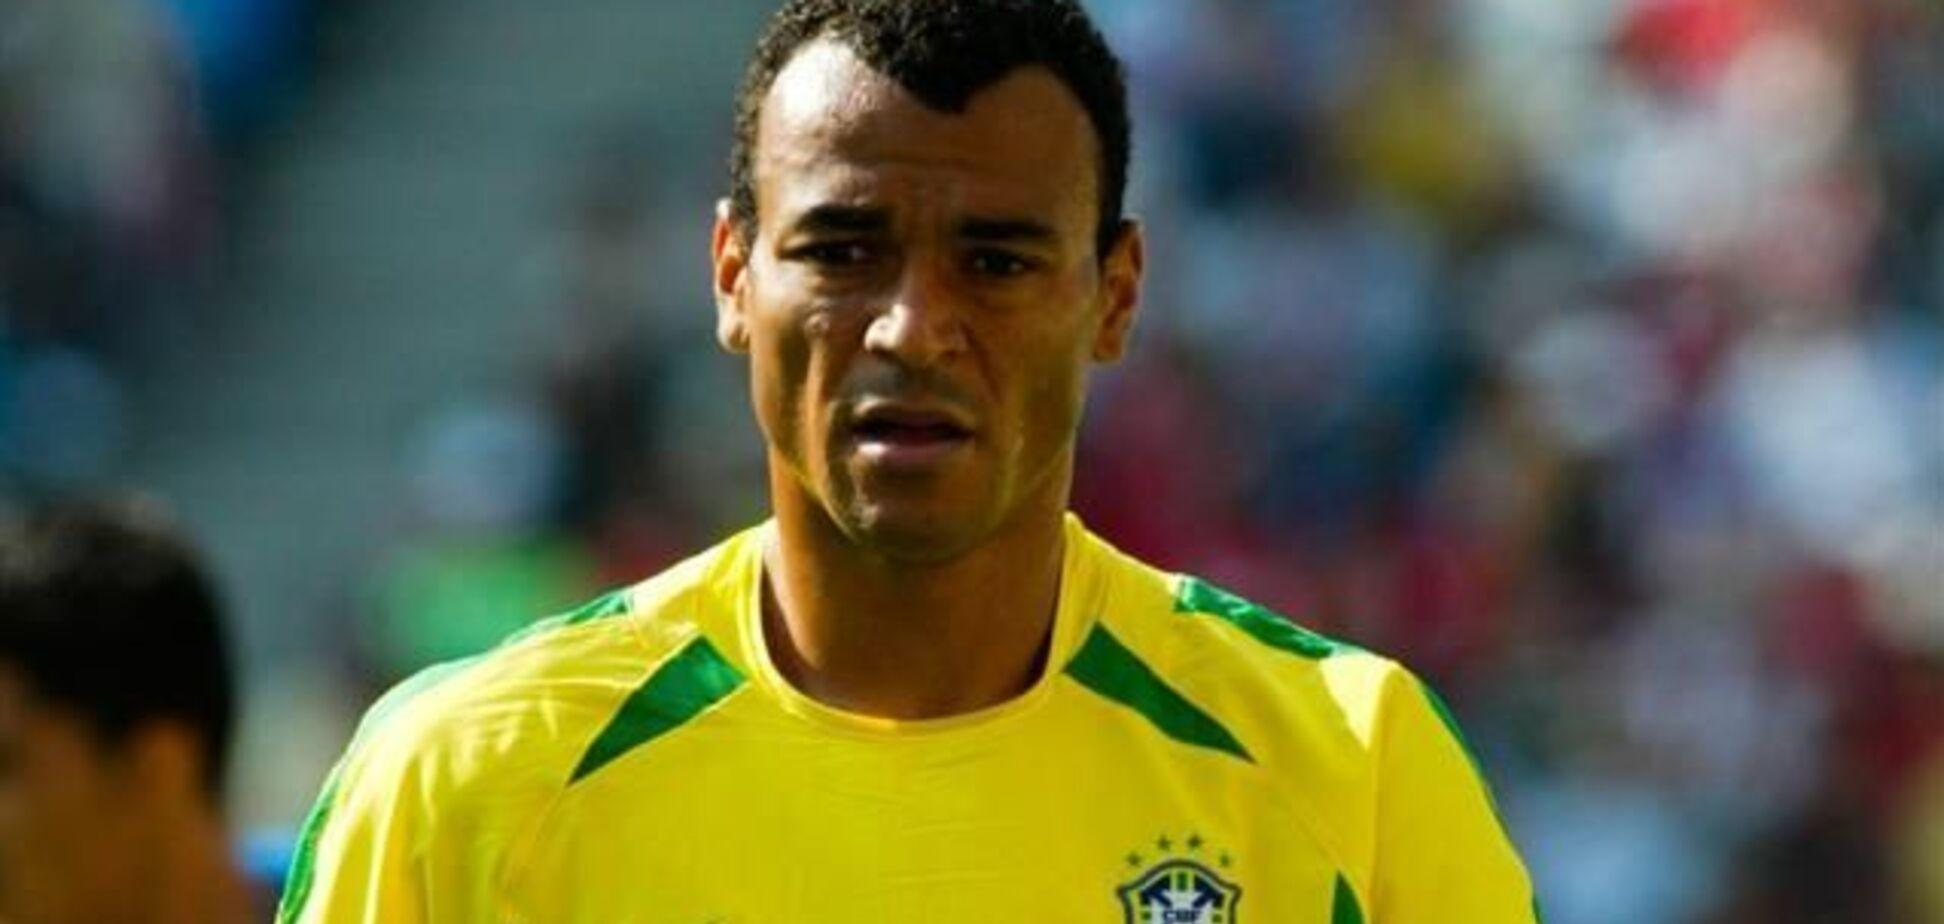 Сын легендарного Кафу умер, играя в футбол